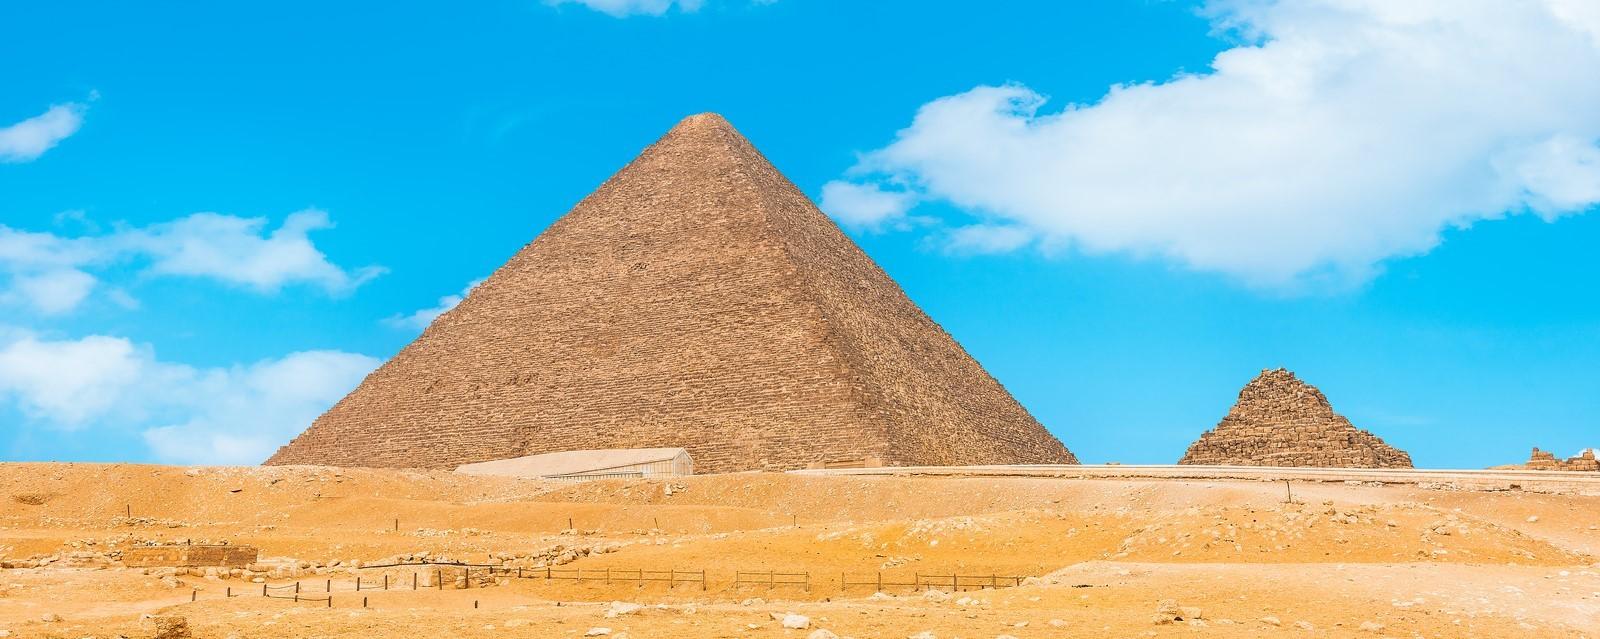 die pyramiden von gizeh, tagesausflug nach kairo ab marsa alam mit dem flugzeug